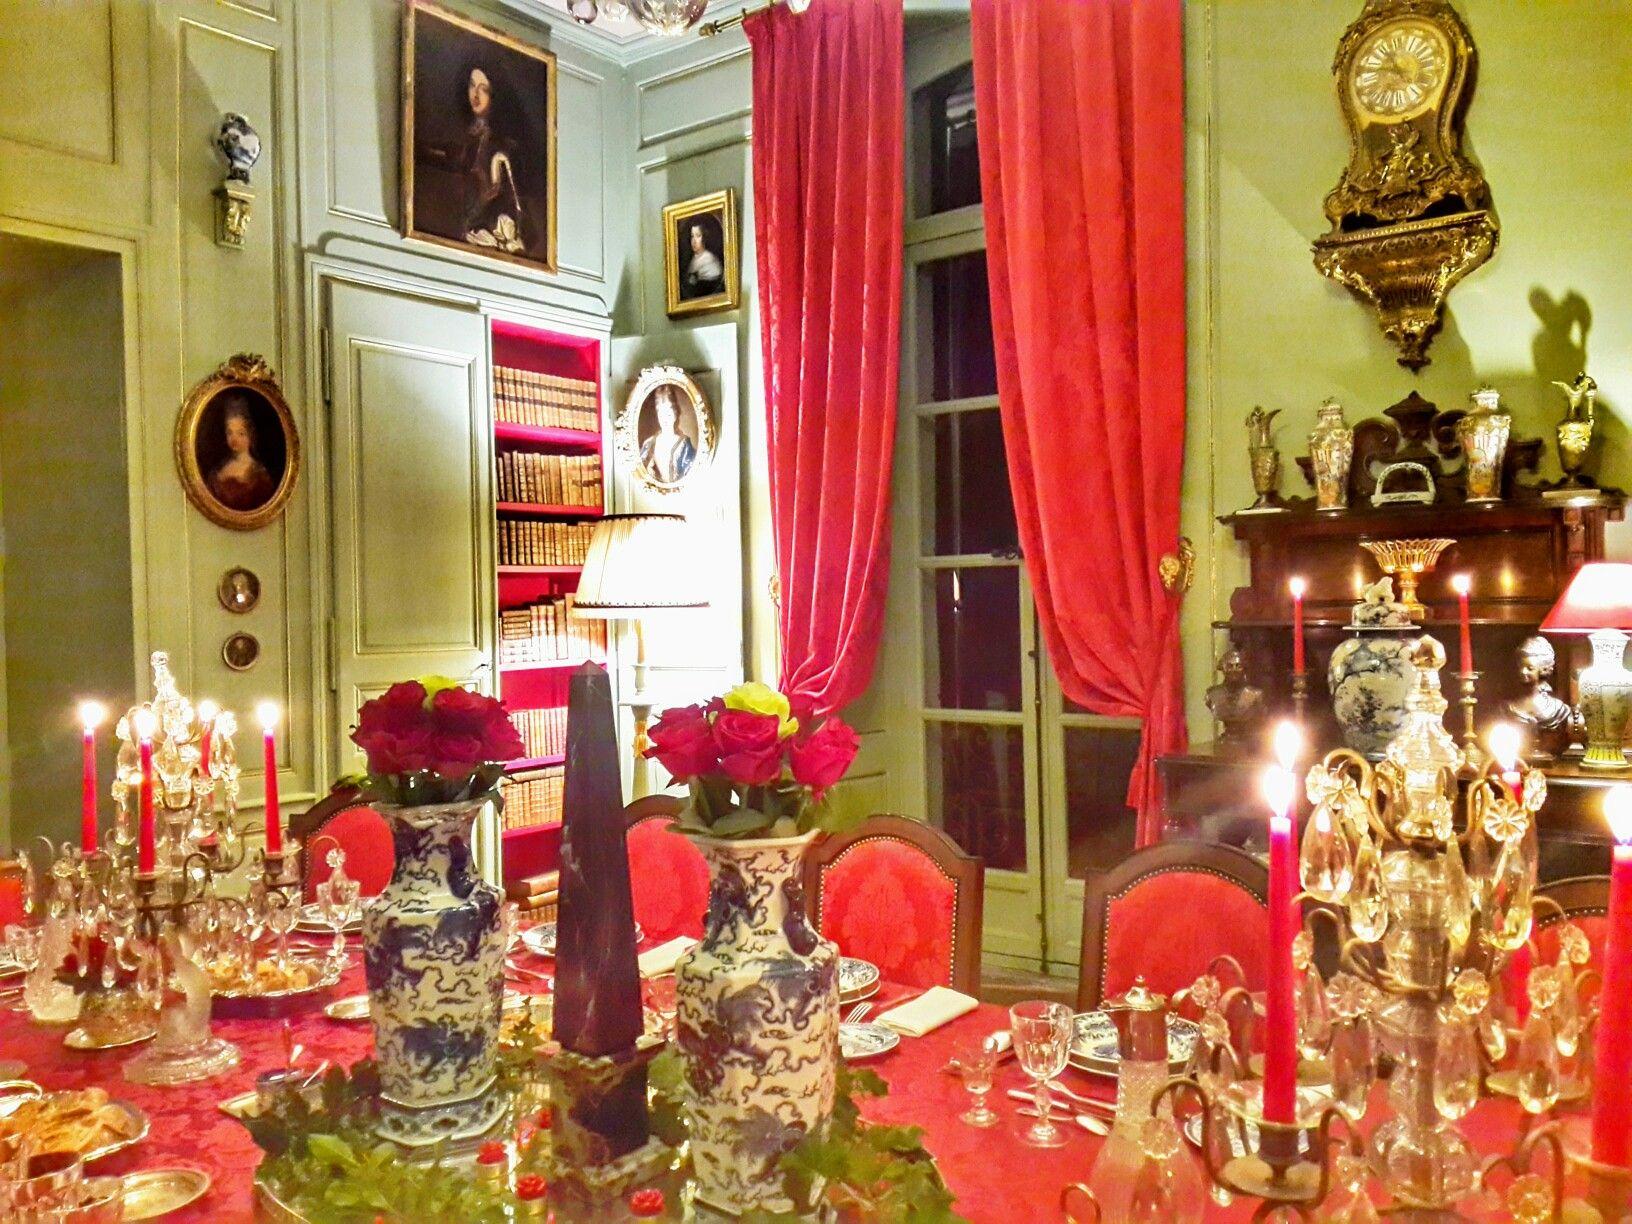 Ch teau de chantore le ch teau de chantore pinterest for Chateau d ax table de salle a manger